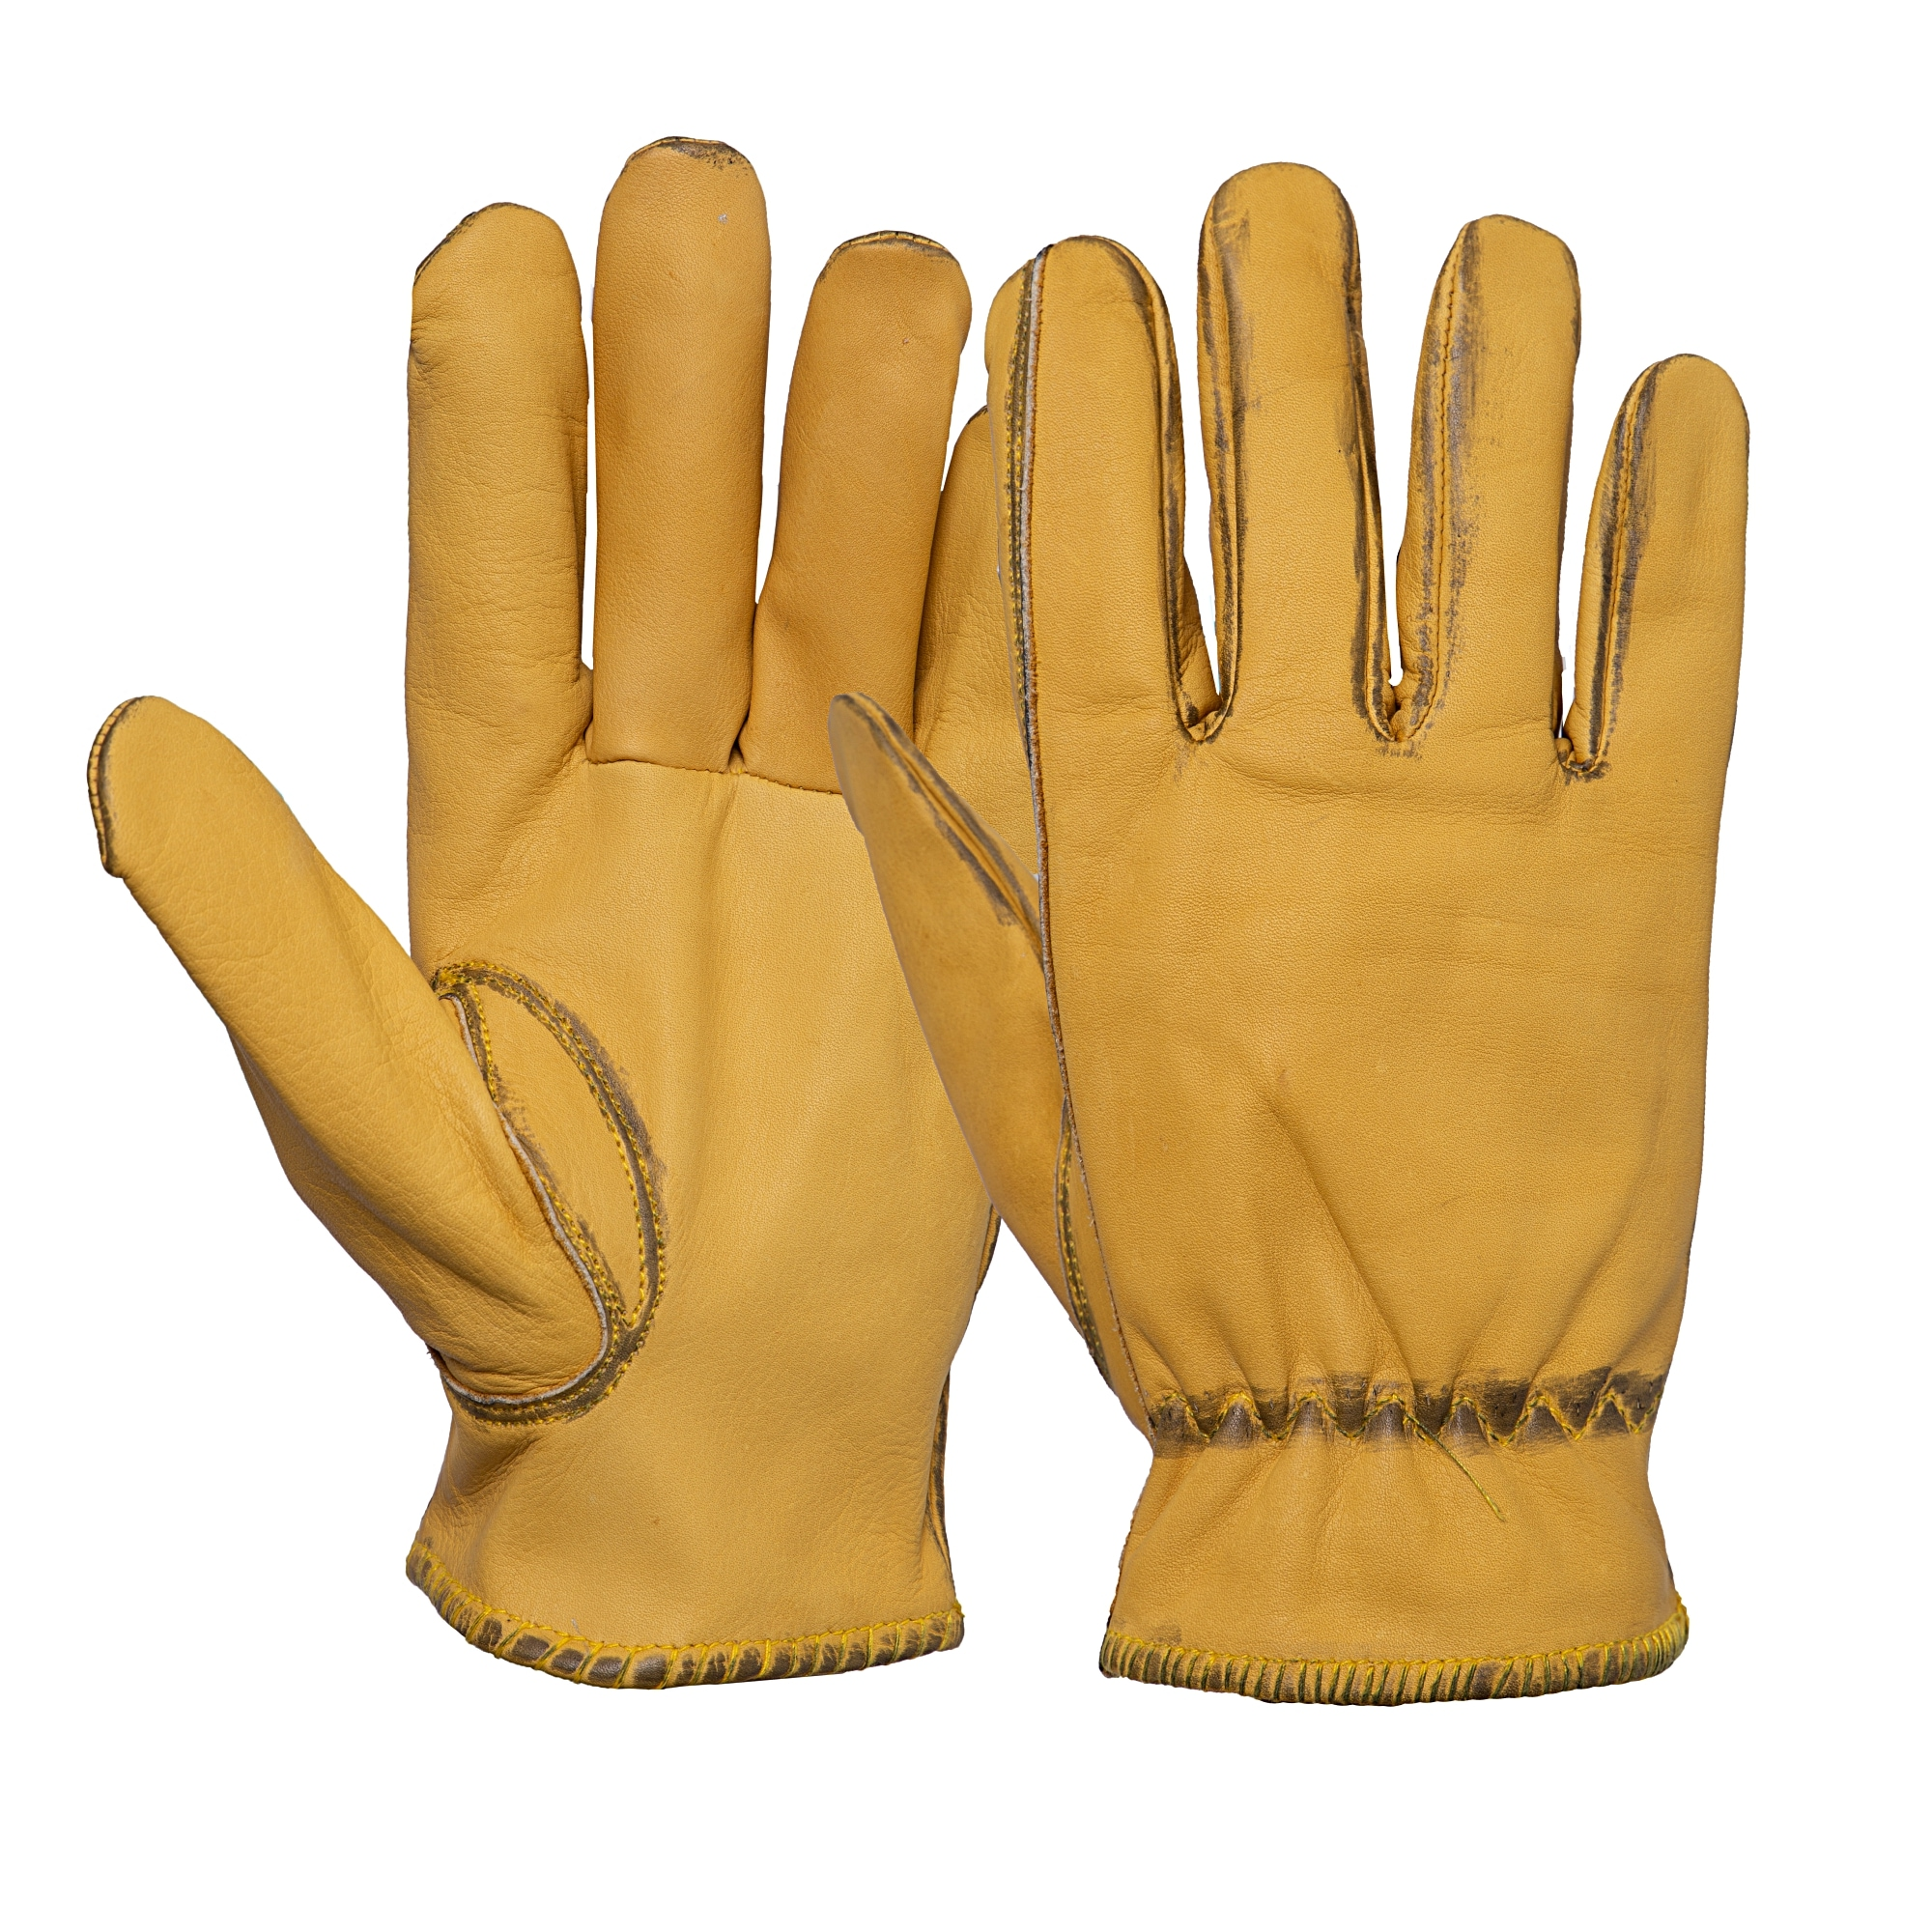 KingKerosin Lederhandschuhe, im Vintage-Look gelb Damen Fingerhandschuhe Handschuhe Accessoires Lederhandschuhe